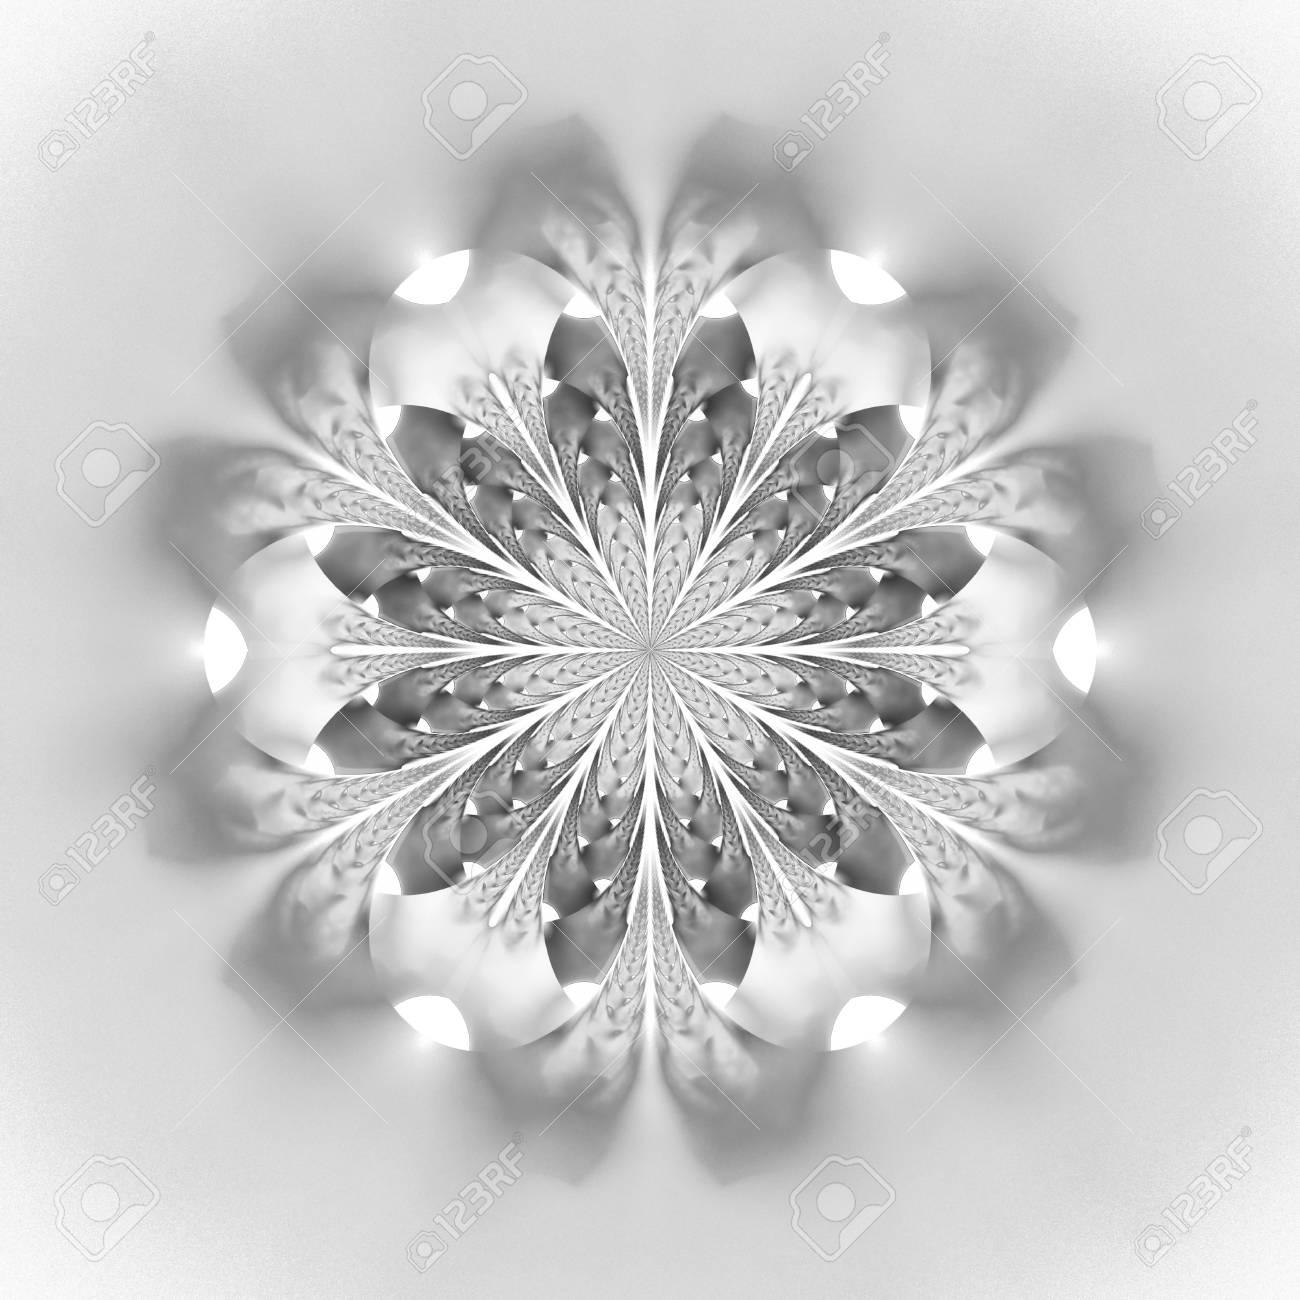 Resume Mandala De Fleurs Sur Fond Blanc Motif Symetrique Intricate